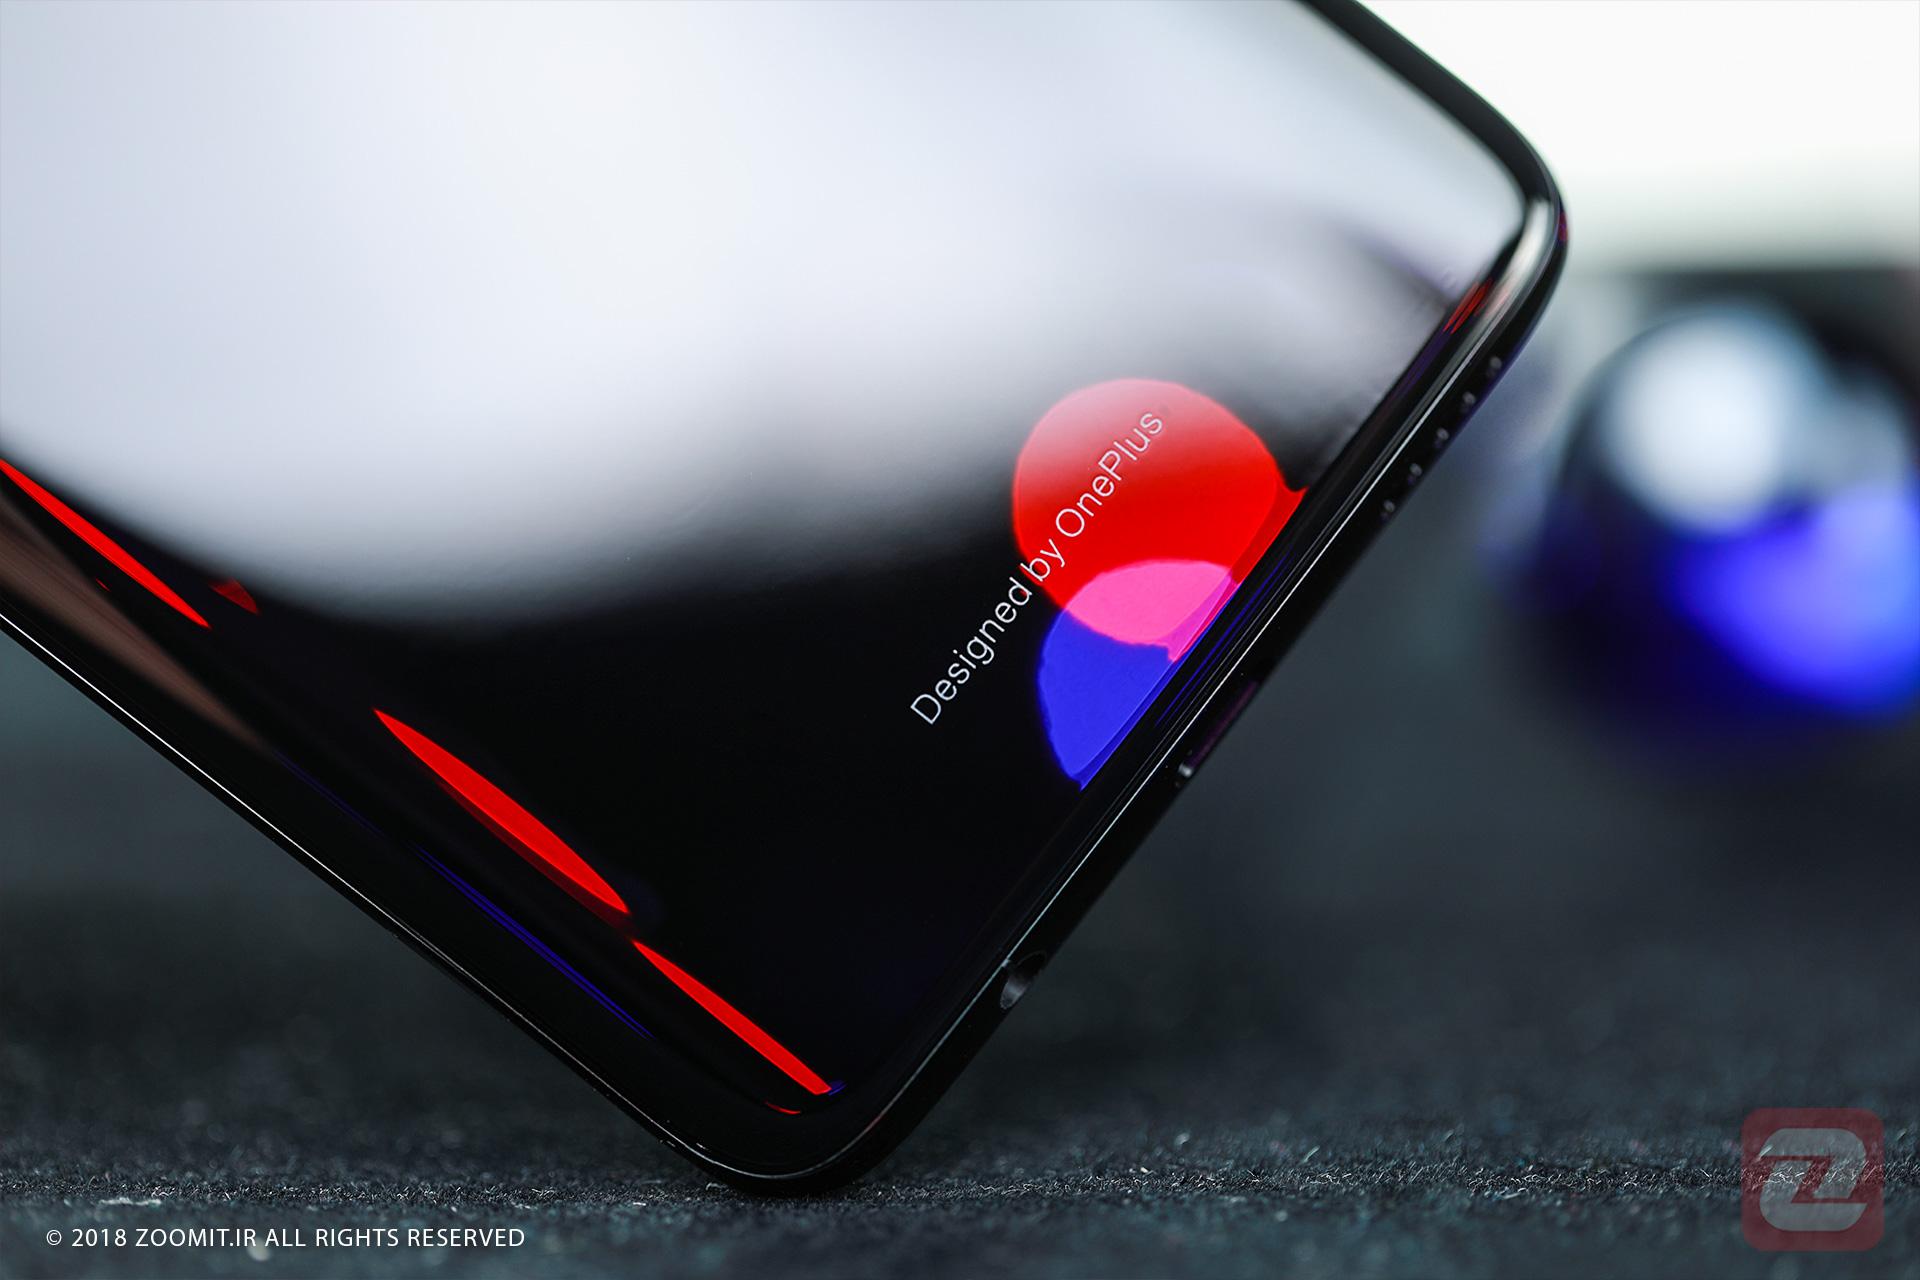 گوشی هوشمند 5G وان پلاس با قیمتی کمتر از ۱۰۰۰ دلار به بازار عرضه میشود